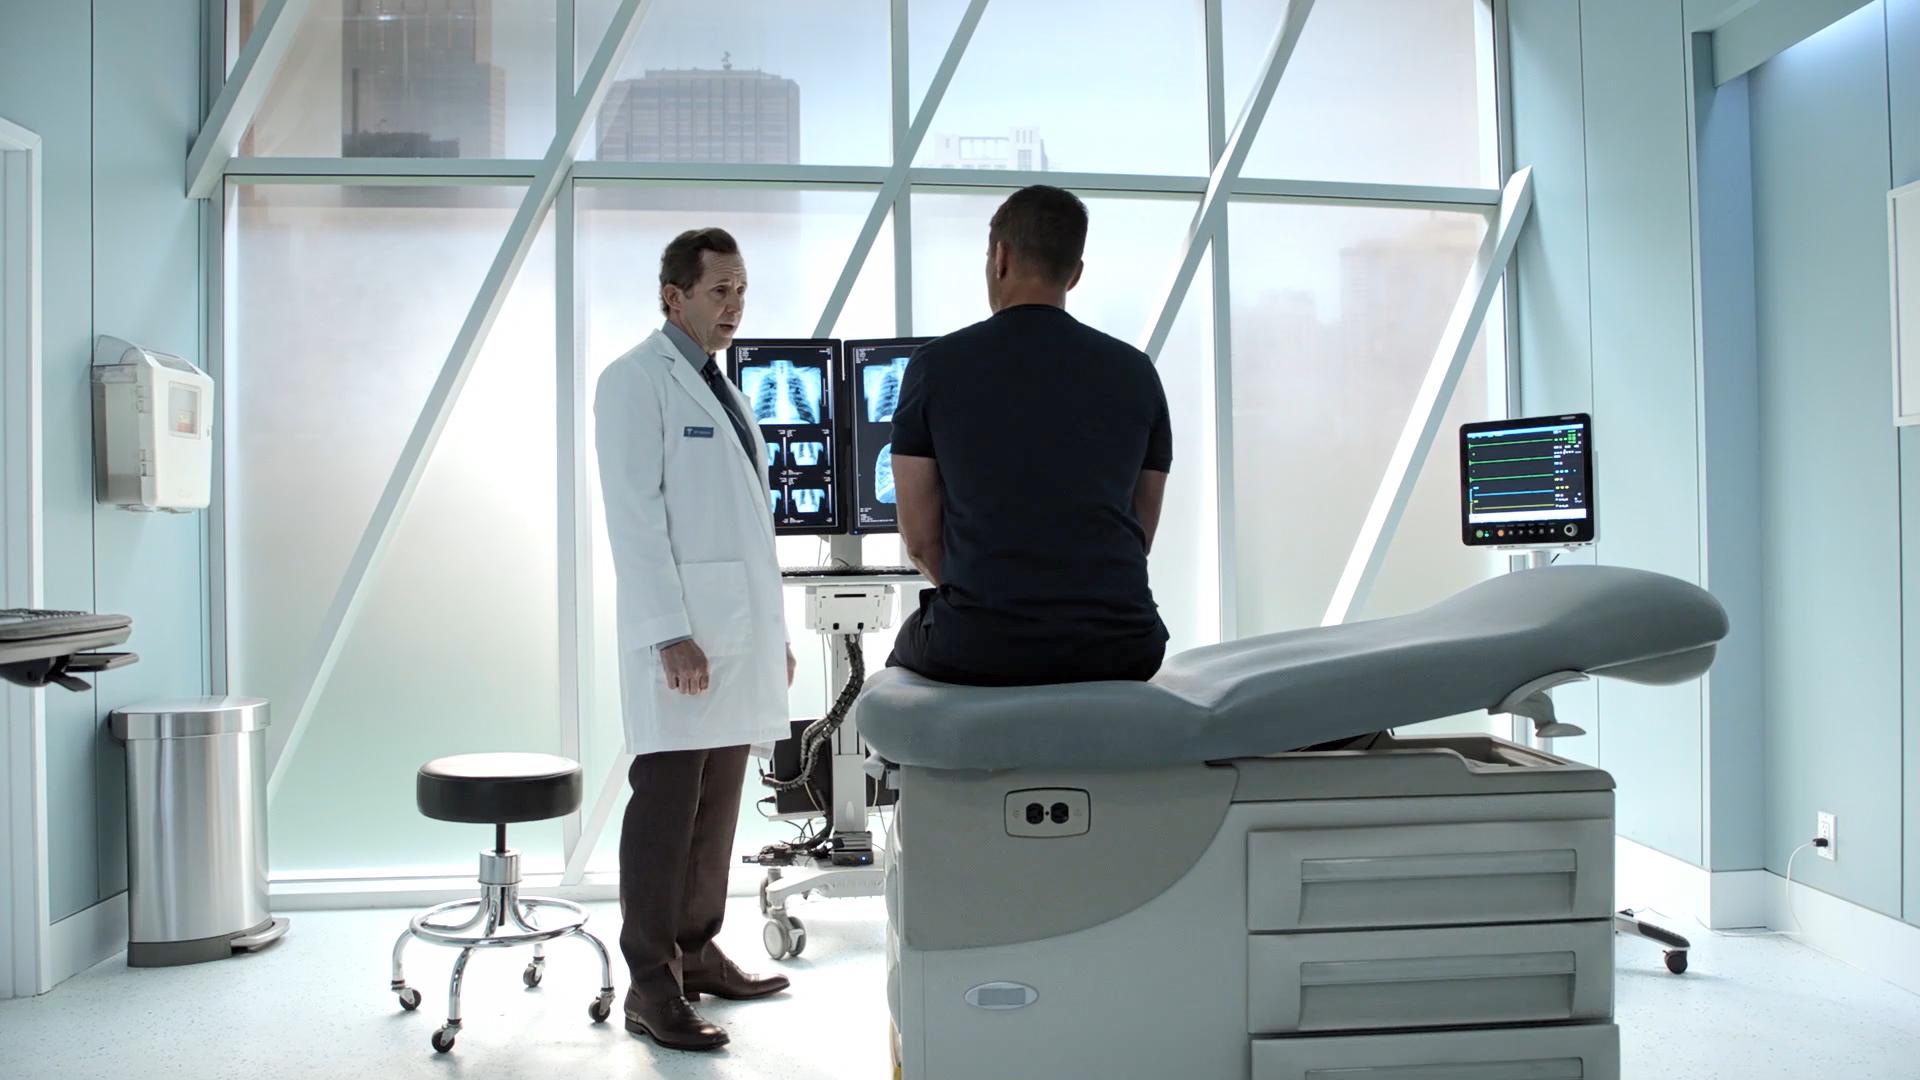 Изображение для 911: Одинокая звезда / 9-1-1: Lone Star, Сезон 1, Серия 1-6 из 10 (2020) WEB-DLRip 1080p (кликните для просмотра полного изображения)